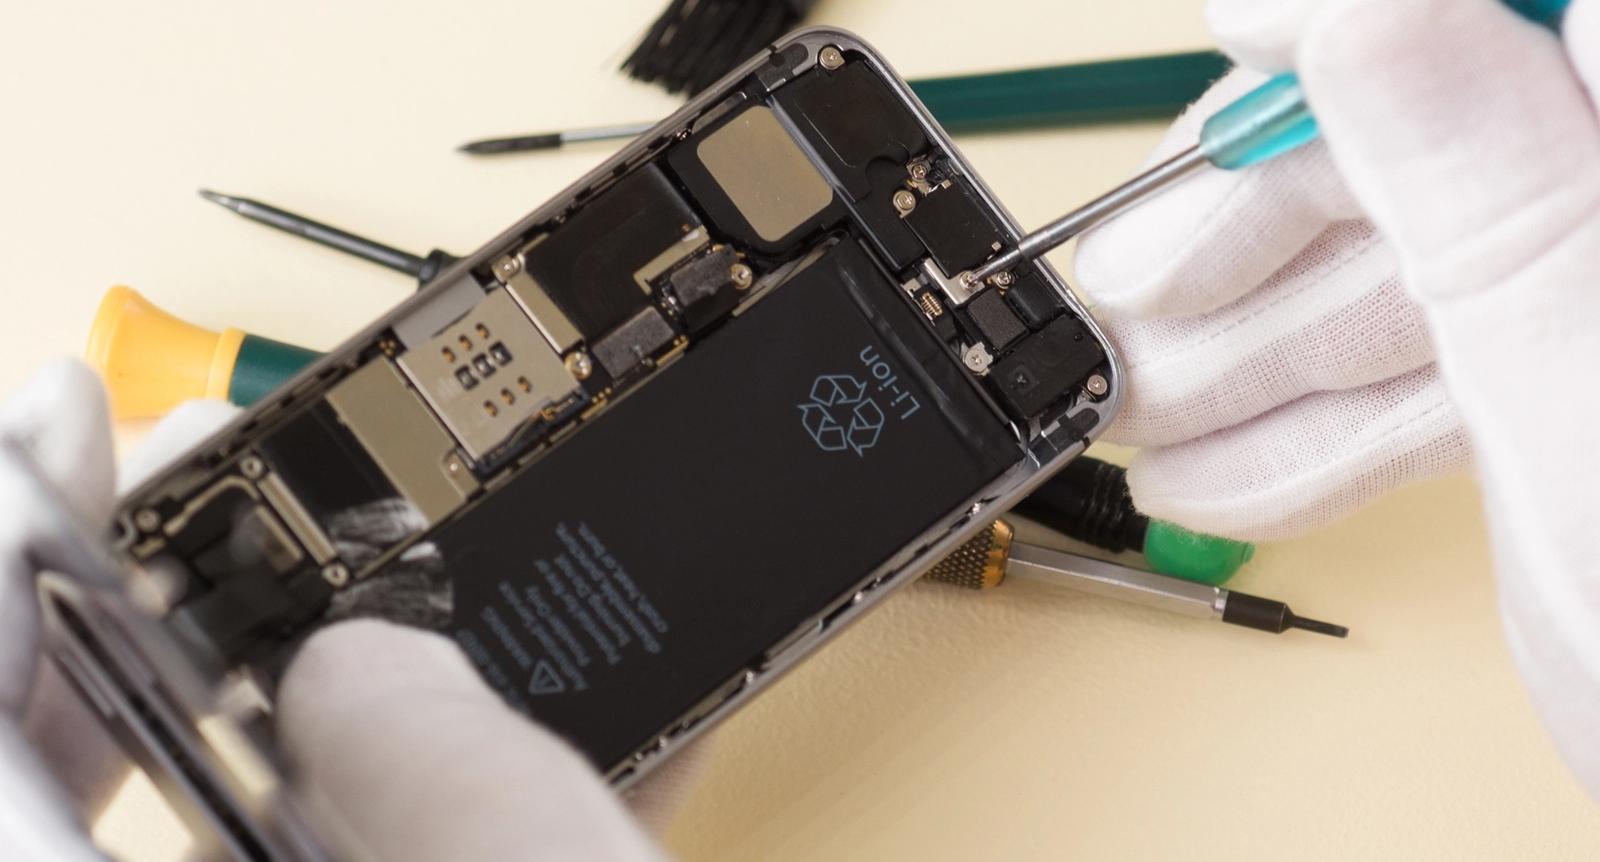 冷钱包+梅西代言+富士康代工 区块链手机Sirin Finney配置曝光